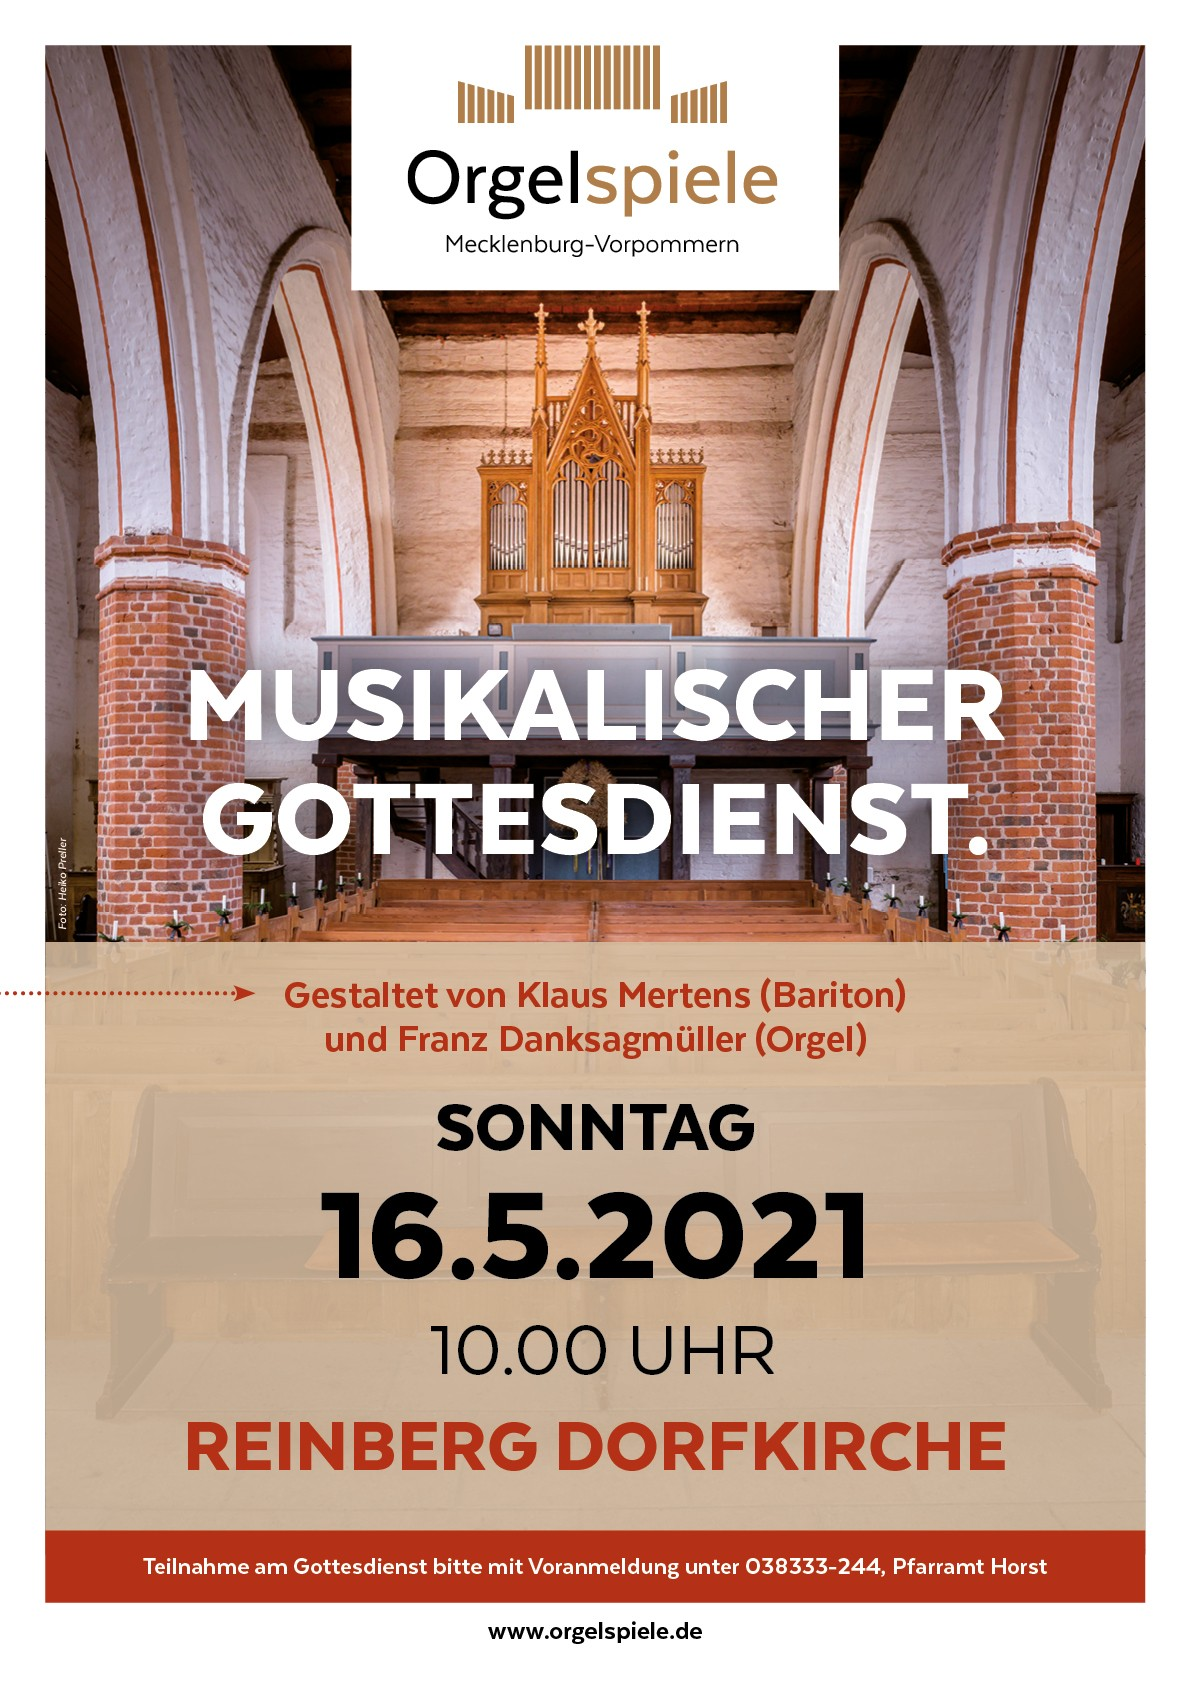 Musikalischer Gottesdienst in Reinberg – Herzliche Einladung